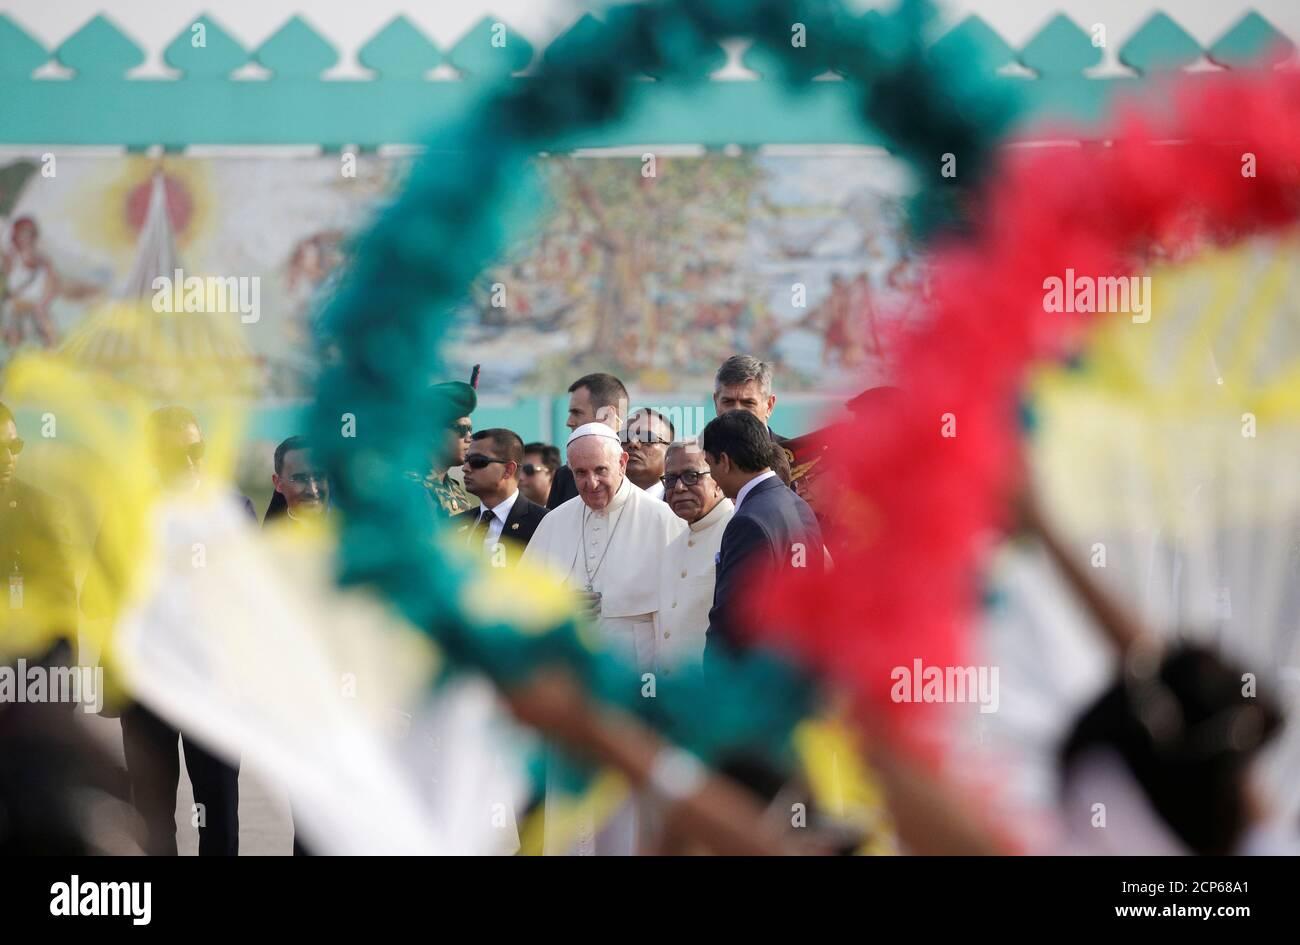 Le pape François assiste à une cérémonie de bienvenue avec le président du Bangladesh, Abdul Hamid, après son arrivée à l'aéroport de Dhaka, au Bangladesh, le 30 novembre 2017. REUTERS/Max Rossi Banque D'Images